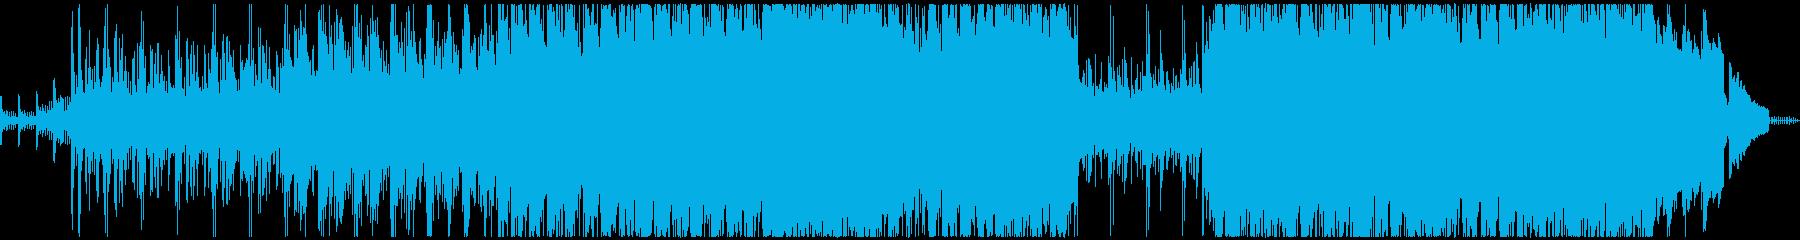 時計仕掛けの風変わりなパンクロックの再生済みの波形